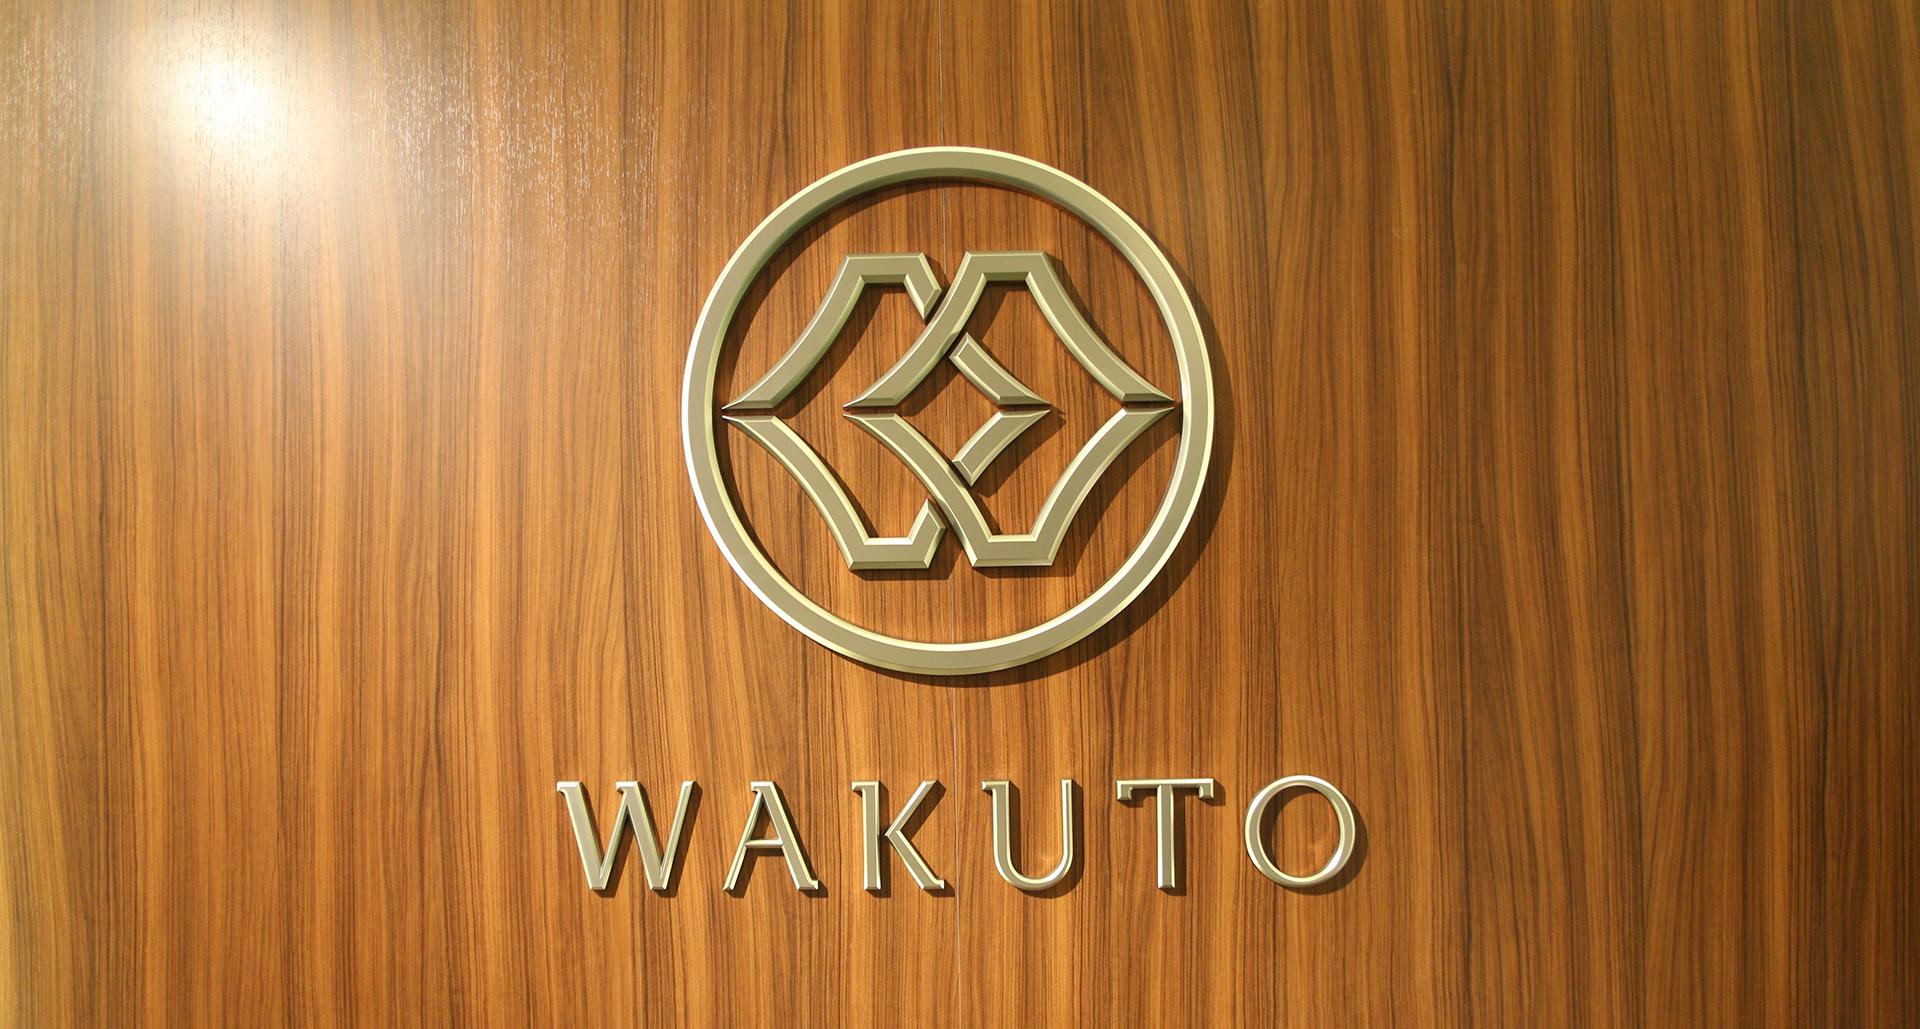 WAKUTO